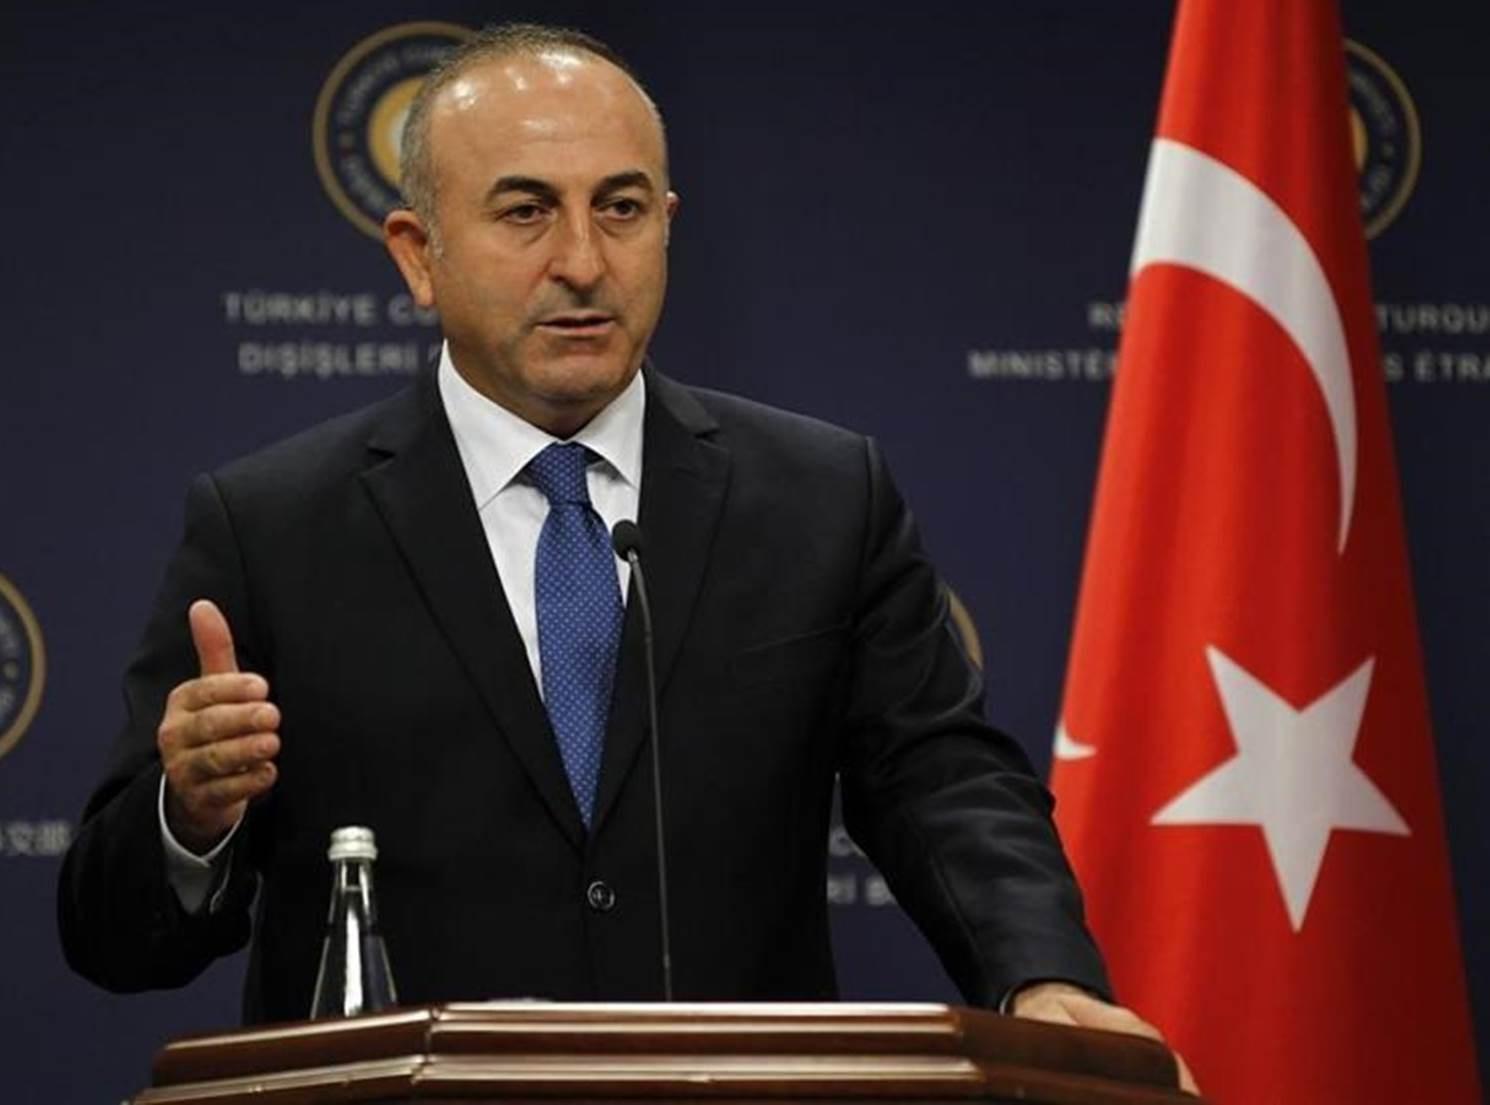 الرئيس الأذربيجاني سيقوم باستقبال أوغلو للتطرق إلى الأوضاع في ناغورنو كراباخ